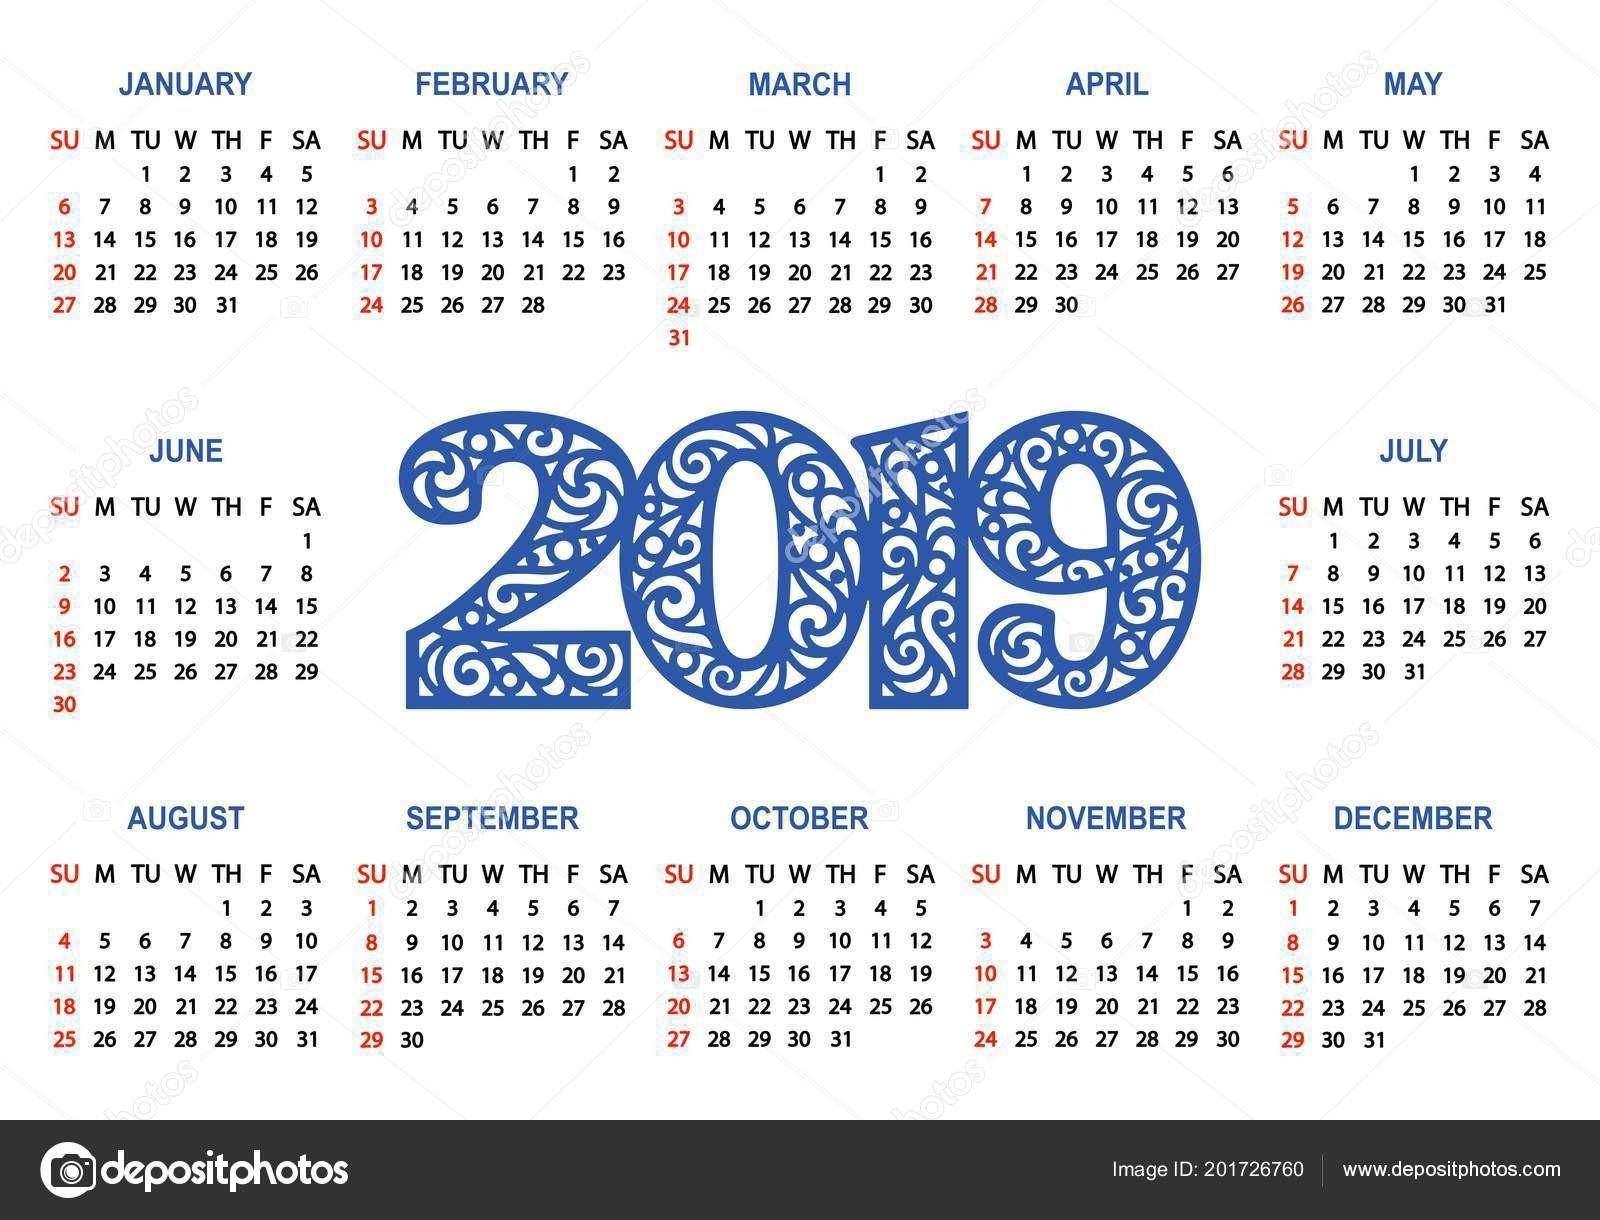 Calendario Laboral 2019 Navarra Más Recientemente Liberado Es Calendario 2019 Con Festivos Usa Of Calendario Laboral 2019 Navarra Actual Calendario 2016 Para Imprimir Bgadv